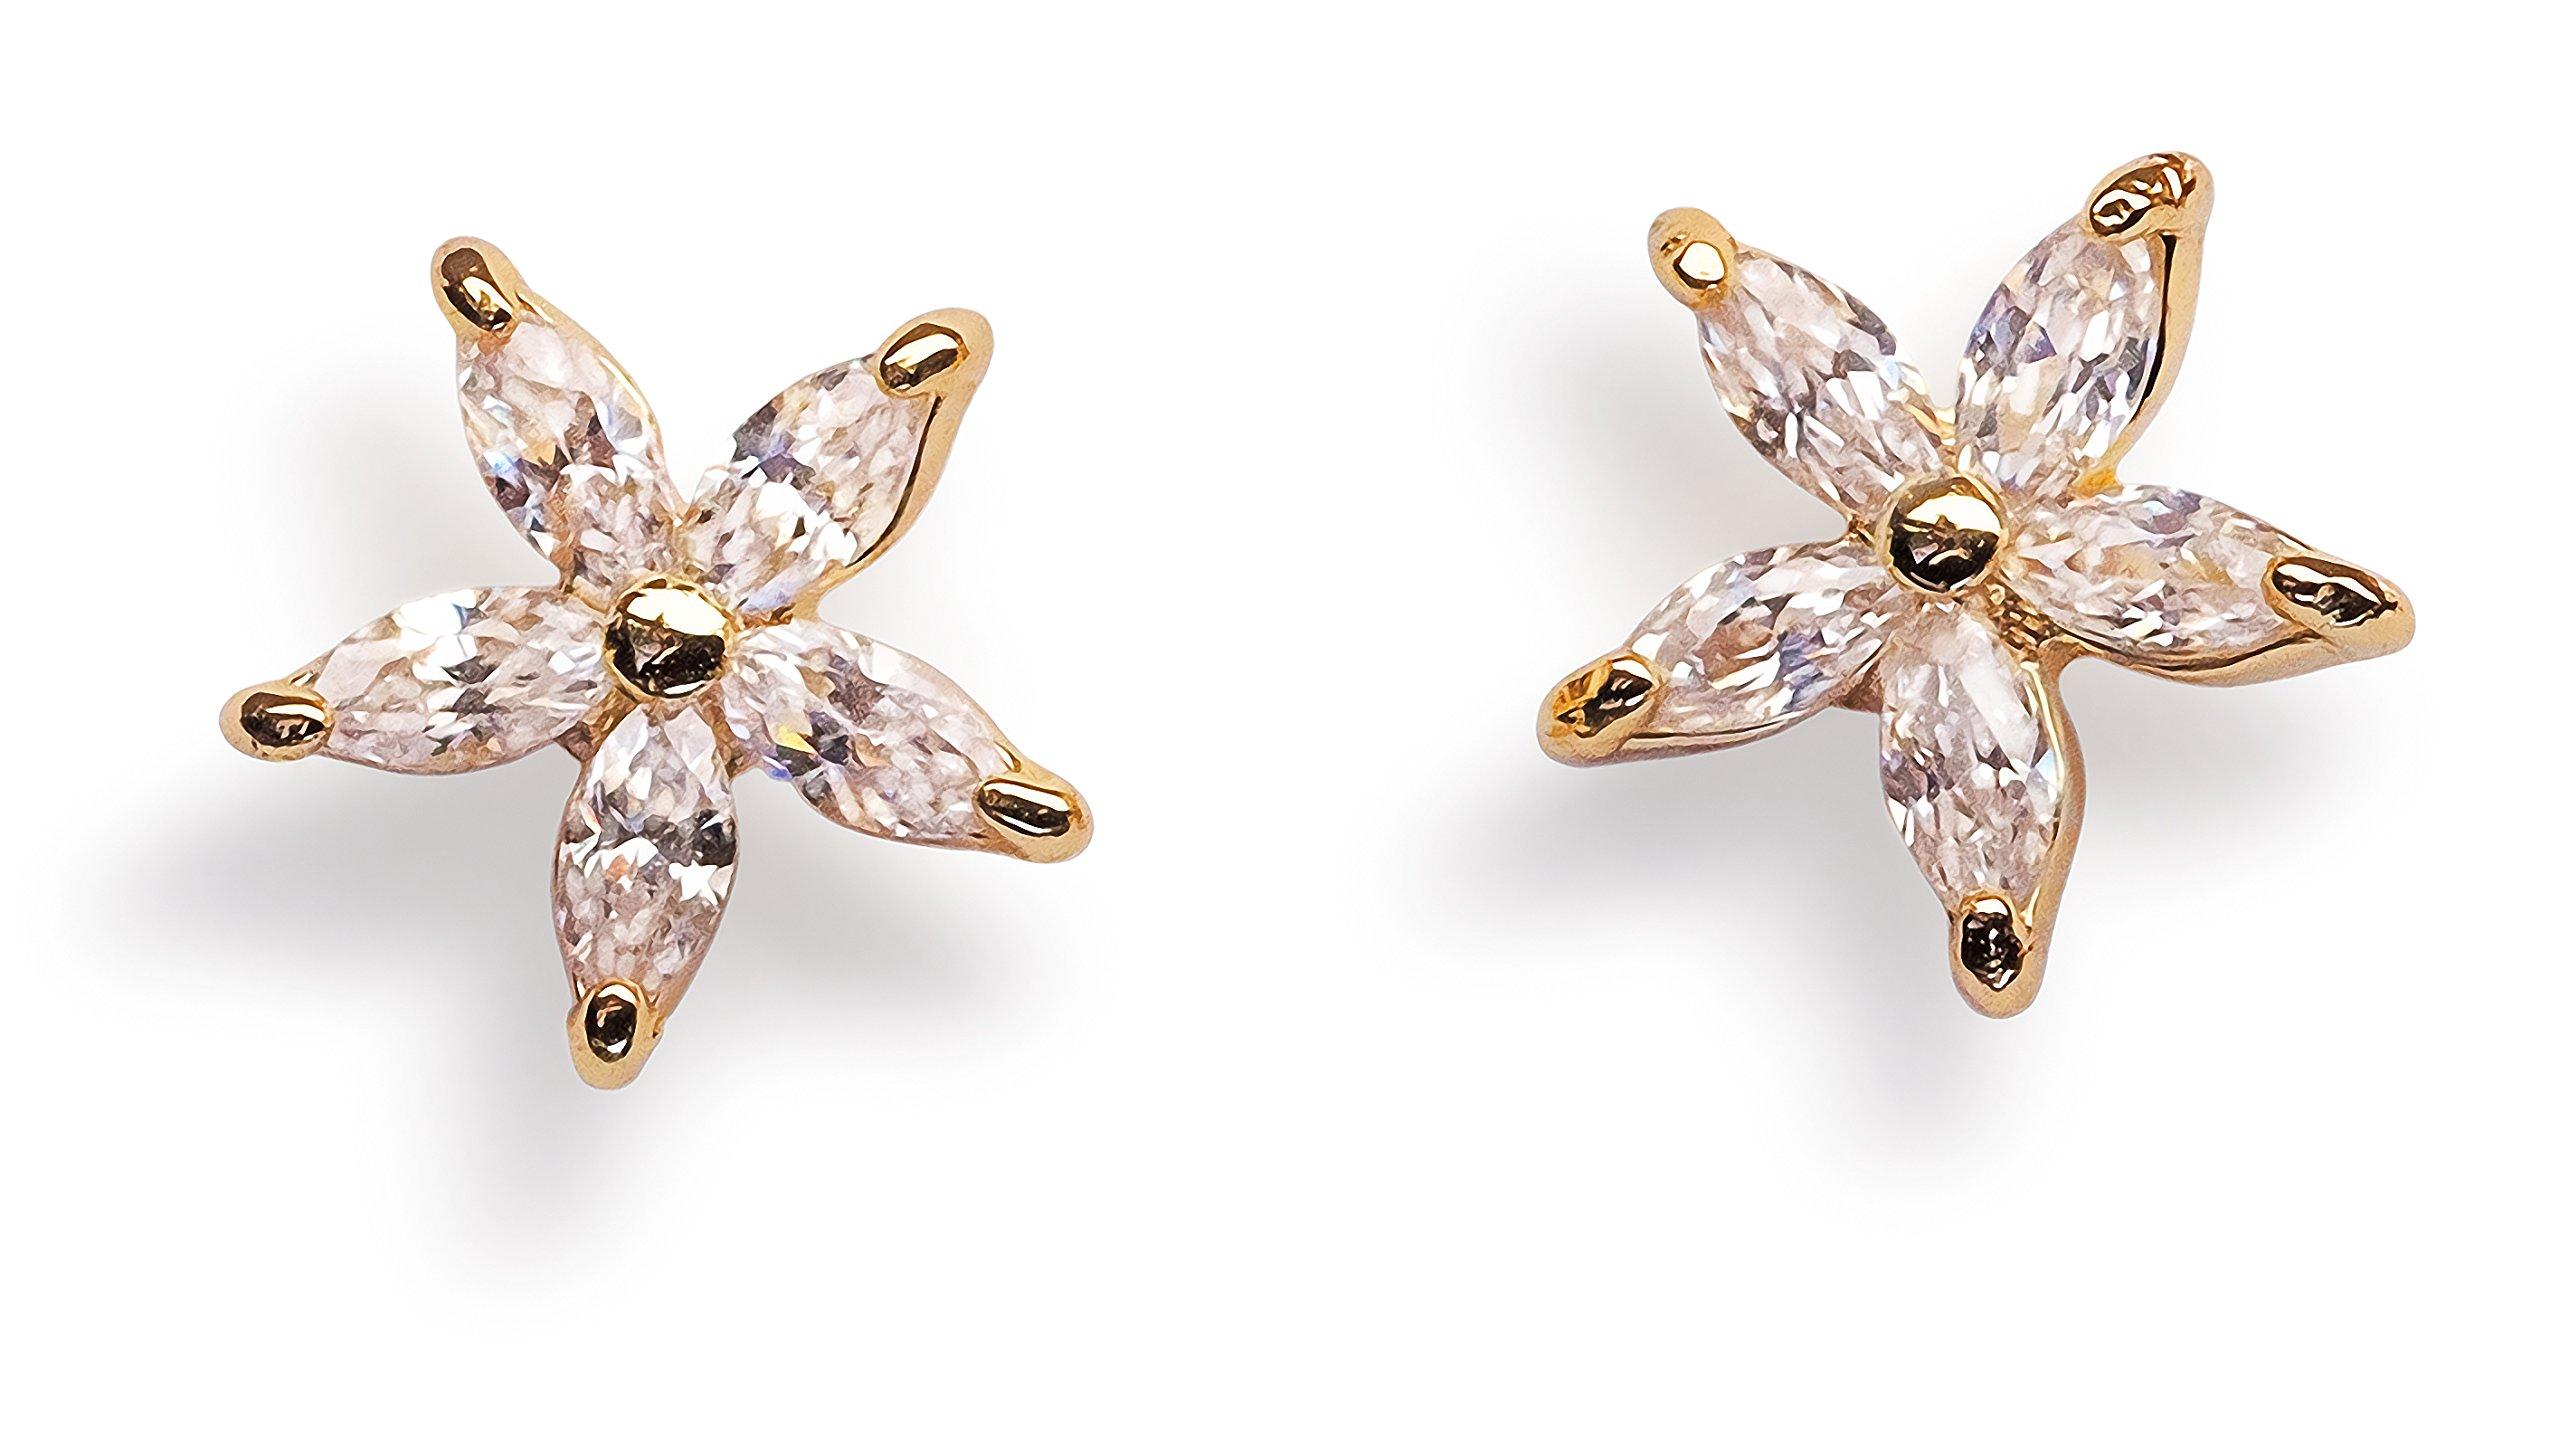 Flower Earrings - Flower Stud Earrings 14k Gold Earrings for Girls Earrings Stud Earrings for Women 14k Gold Hypoallergenic Stainless Steel for Sensitive Ears Daisy Studs Celeb Approved by Benevolence LA